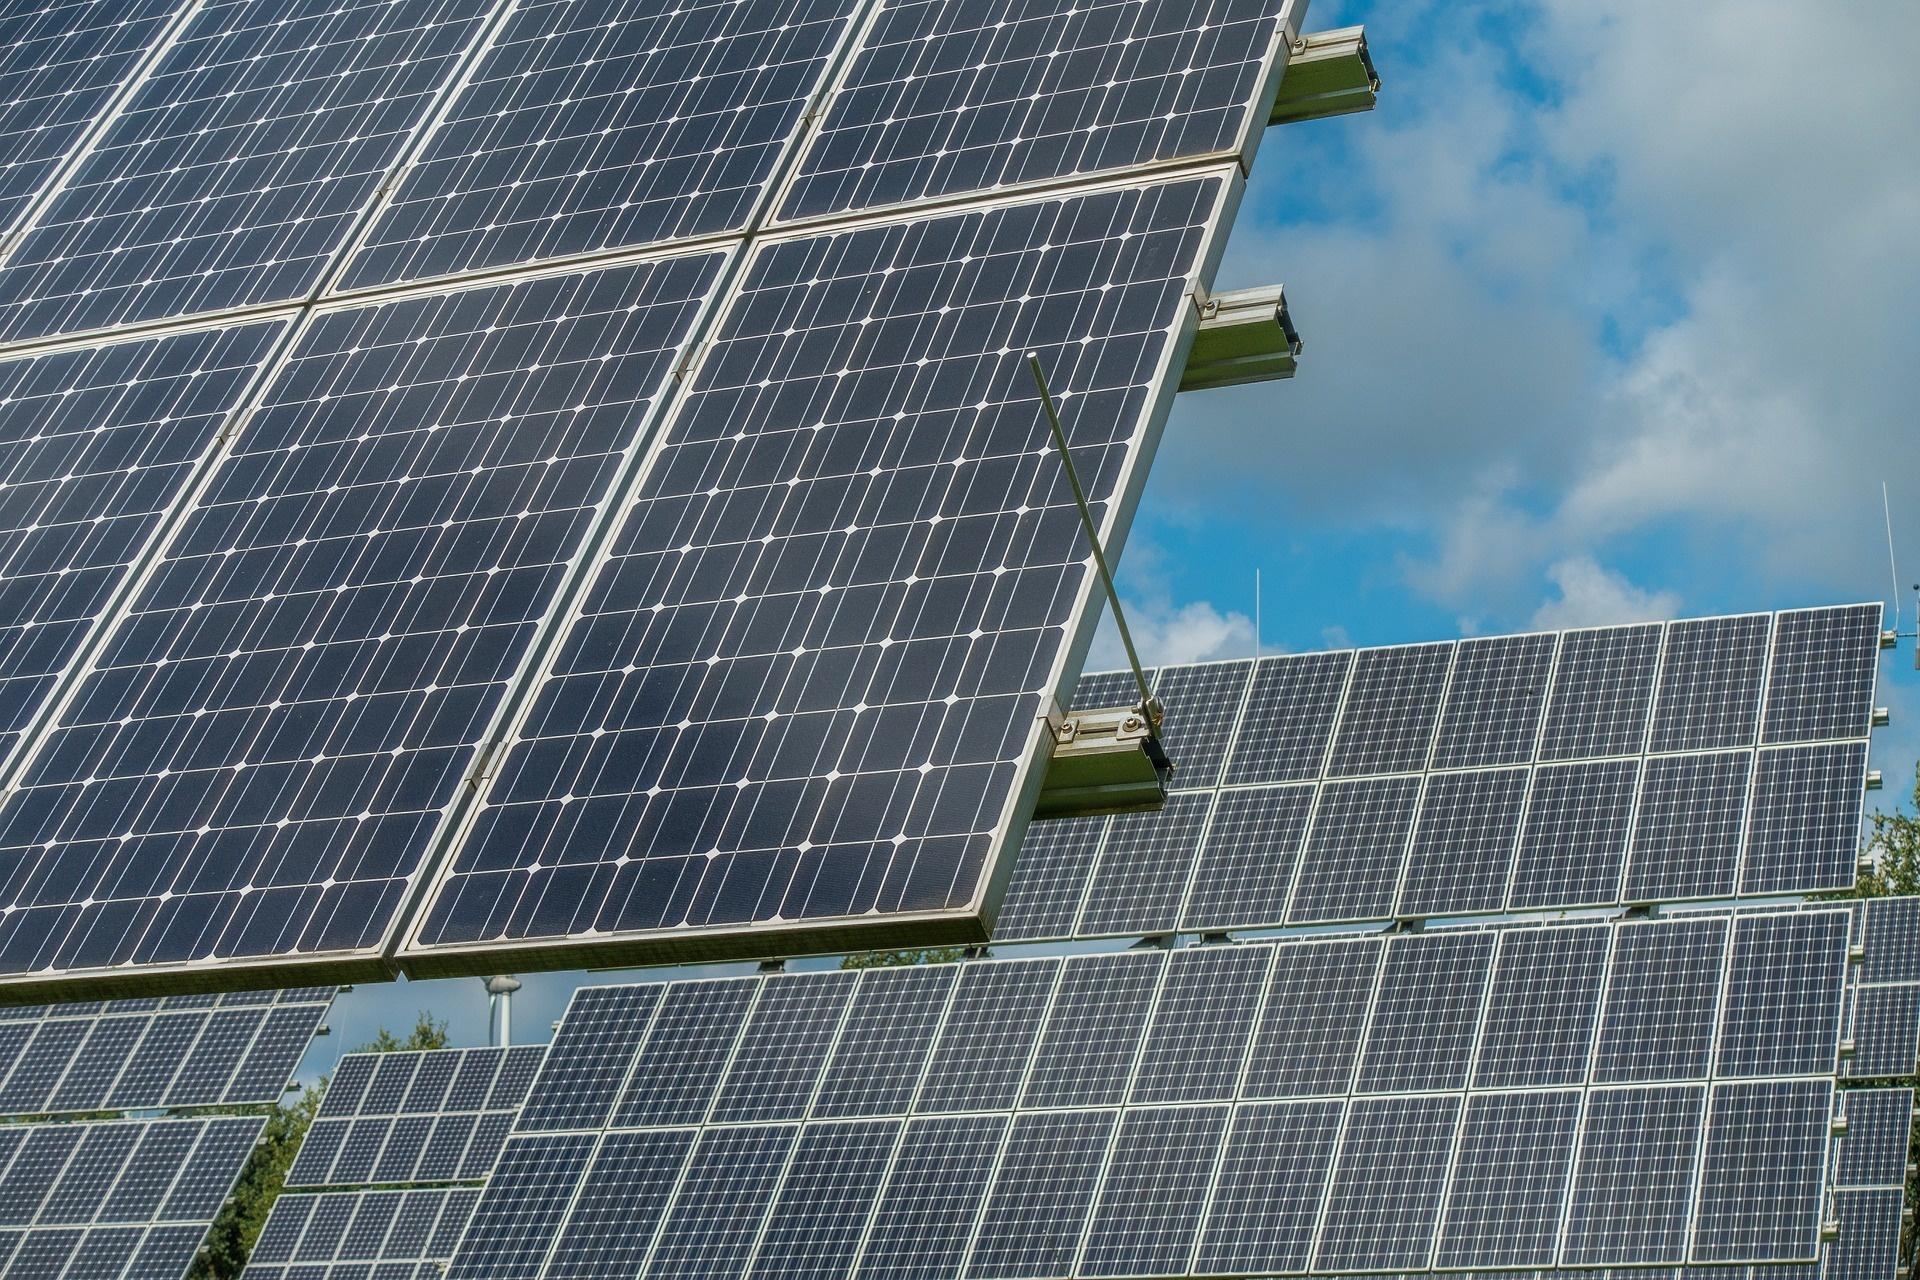 Community Solar, Solar Panels, YSG Solar